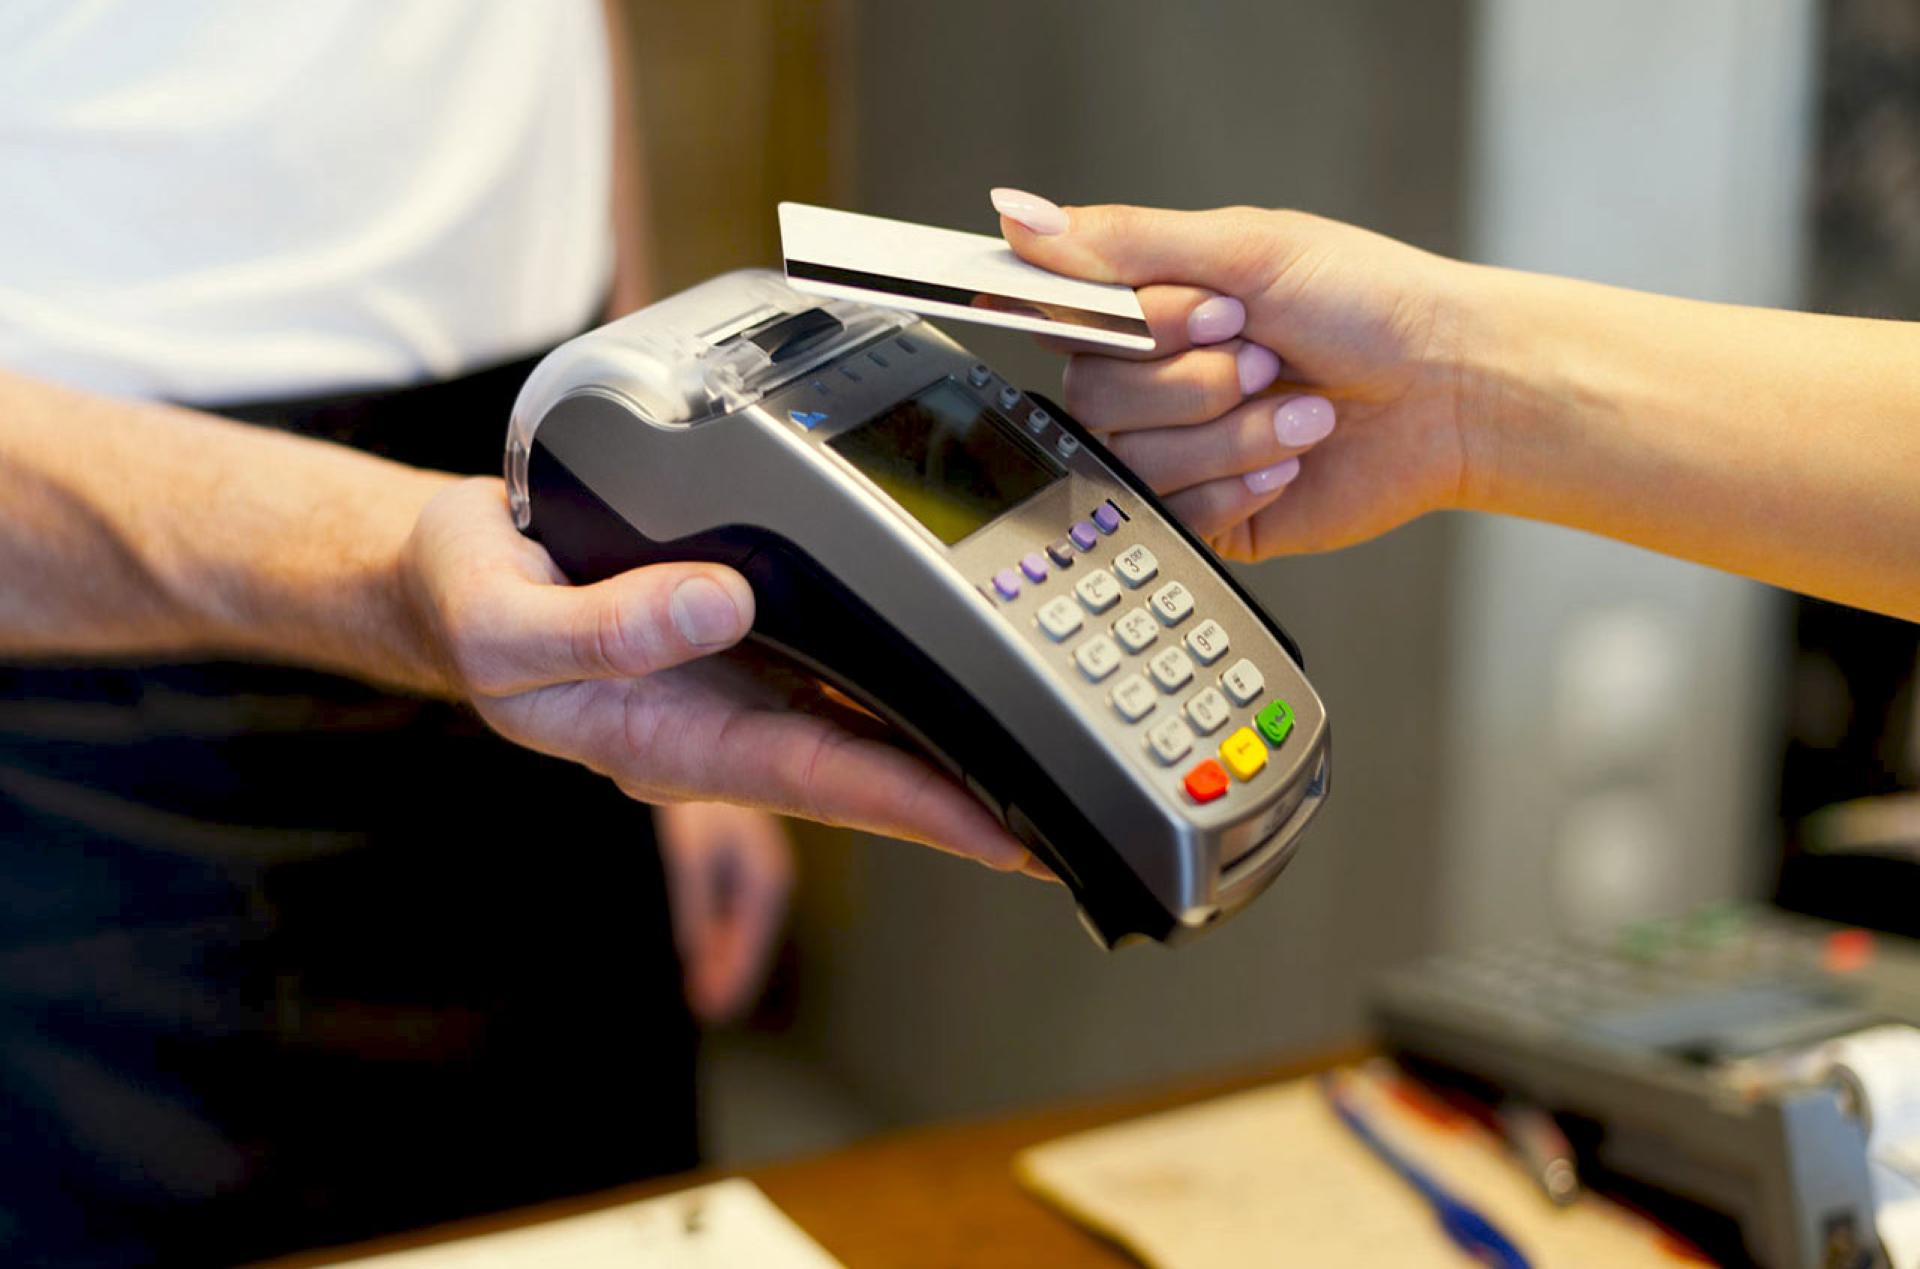 Il cashback per gli acquisti con carta partirà a dicembre con una grossa esclusione